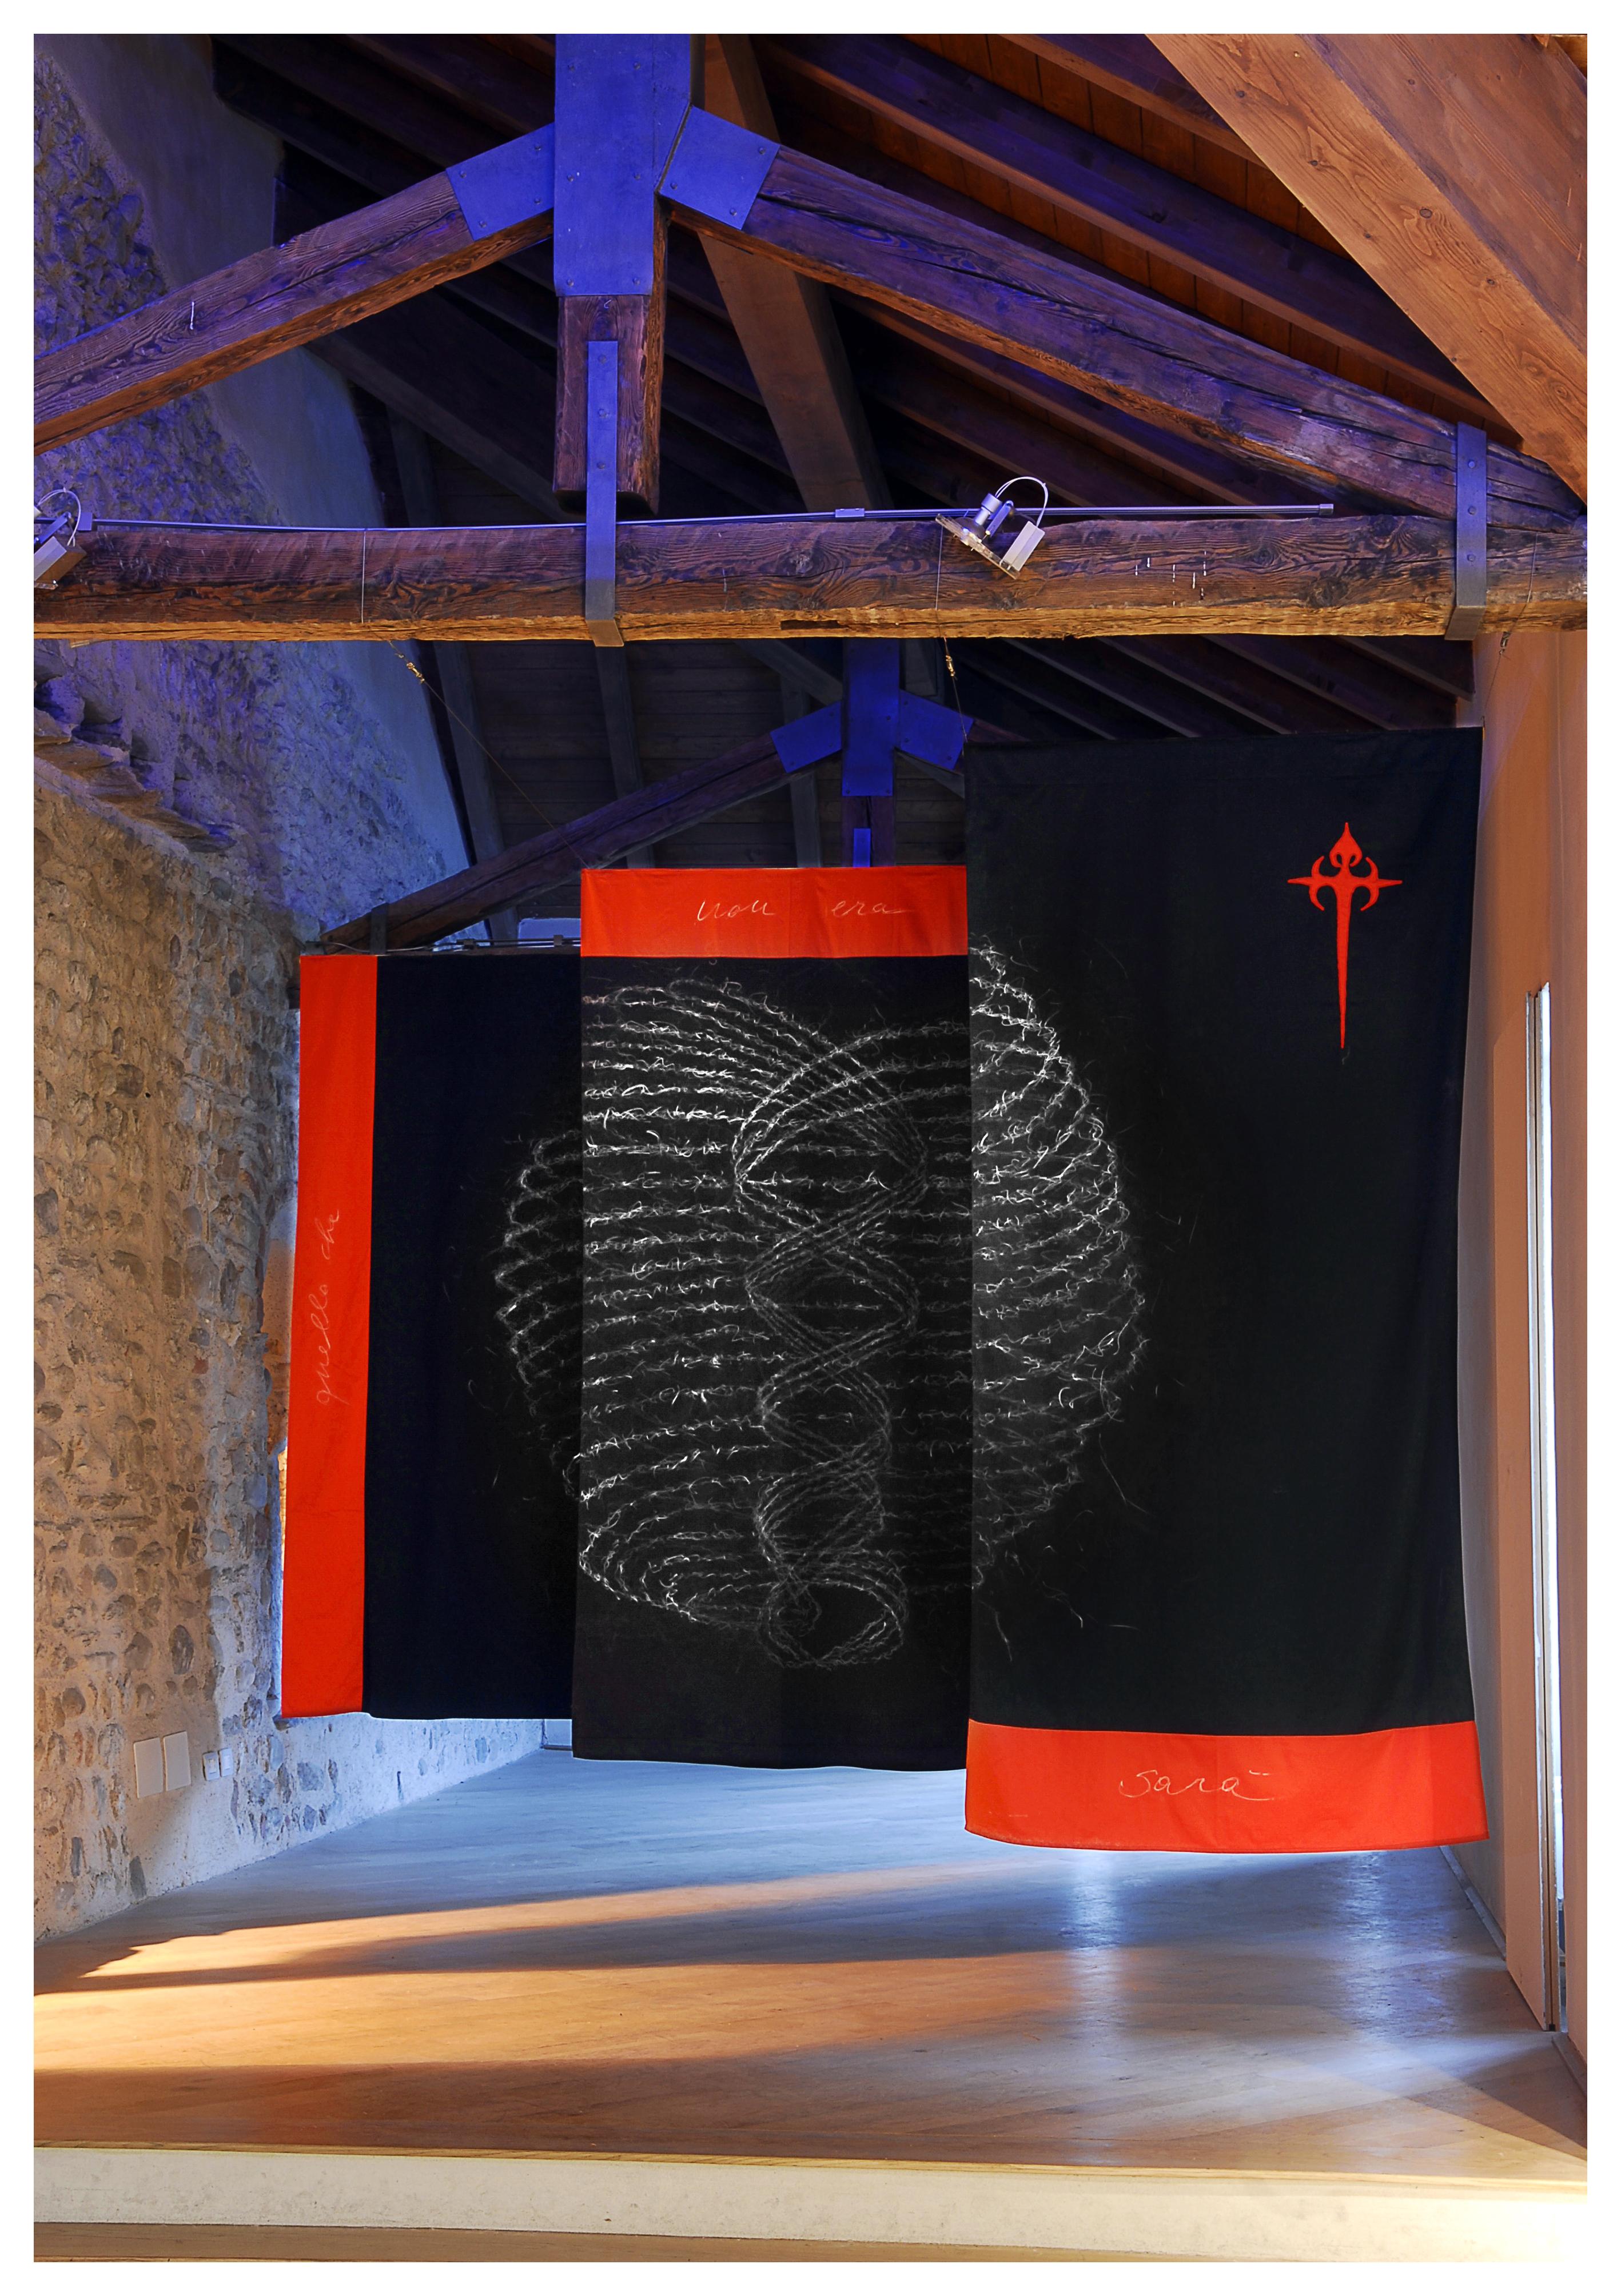 FILIPPO DI SAMBUY Nakusar – quellochenonerasarà 1999-2011 Disegno pastello su bandiere ricamate 250x390cm